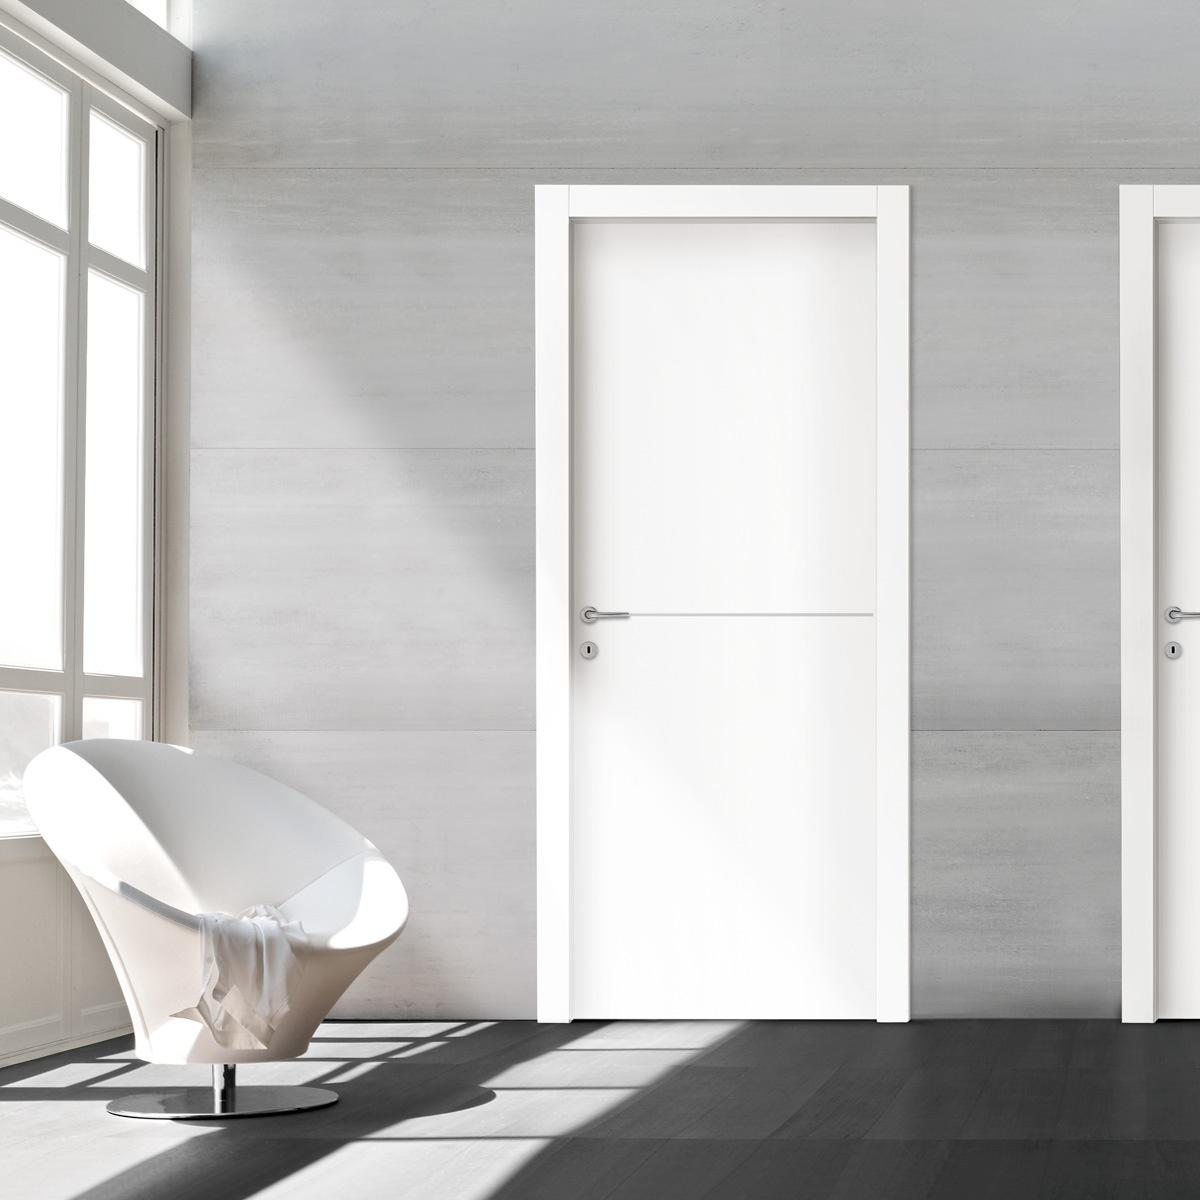 דלת ״איזי״. צבע לבן. בתוספת פס ניקל